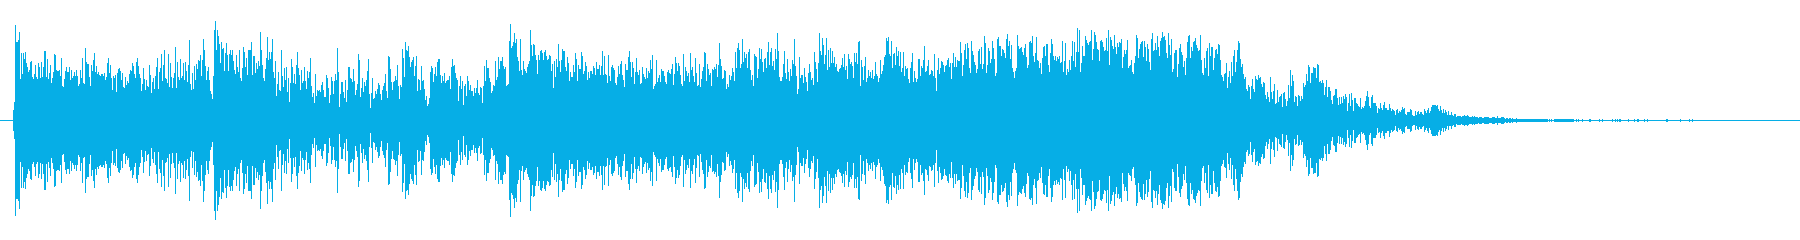 空気圧掃引4の再生済みの波形